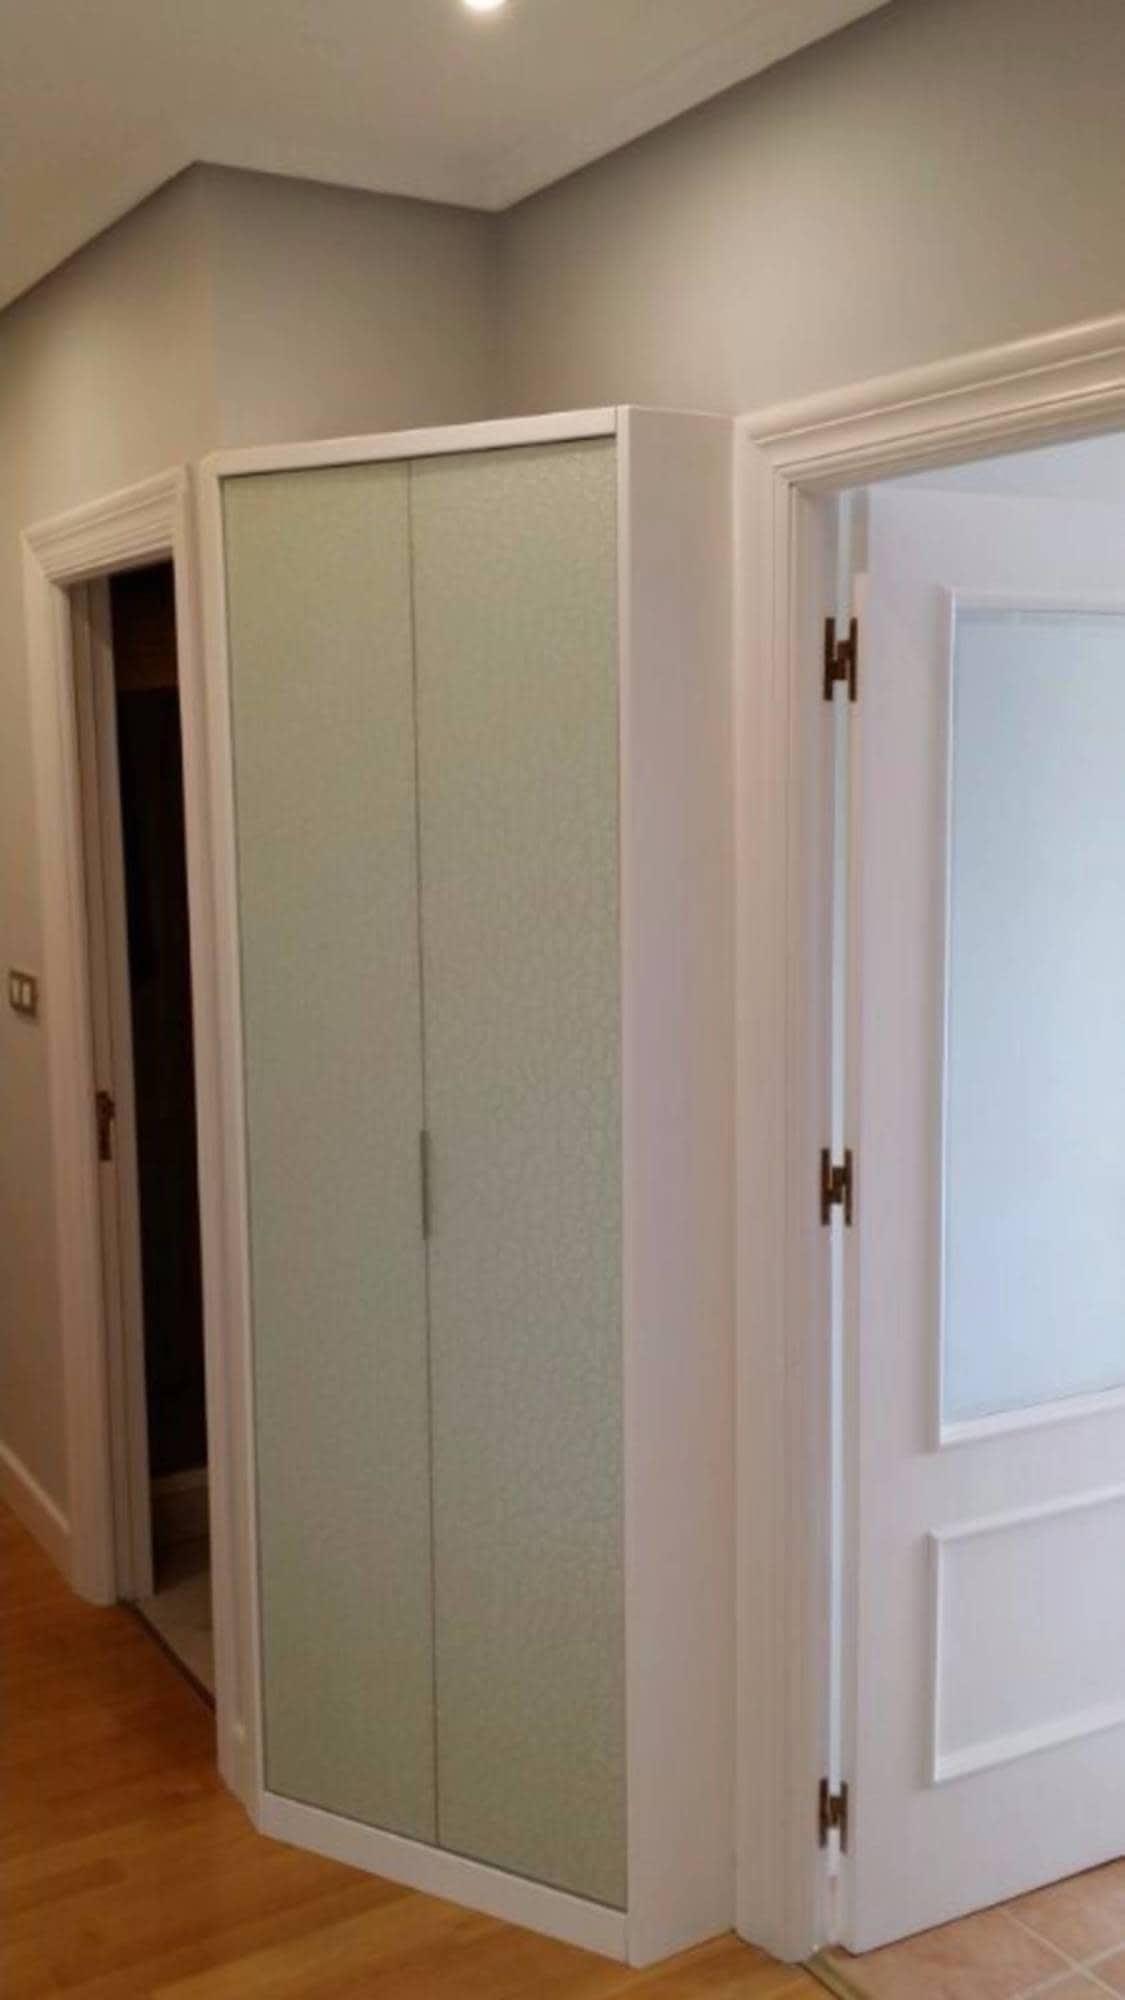 Precio Armario Aluminio Terraza Simple Elegant Armarios Medida  ~ Precio Armario Aluminio Terraza